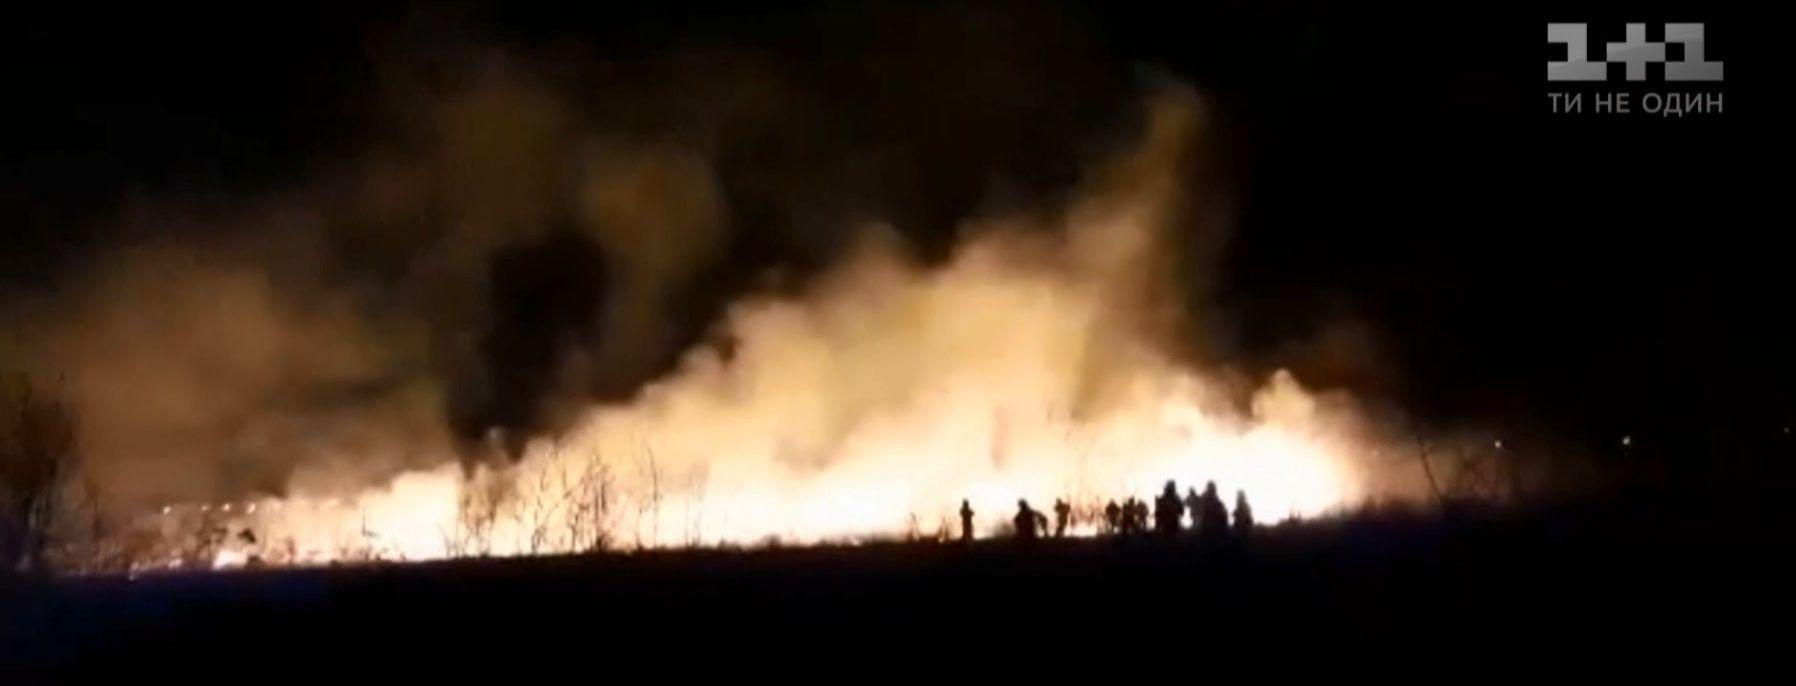 В Івано-Франківську сталася велика пожежа поблизу аеропорту